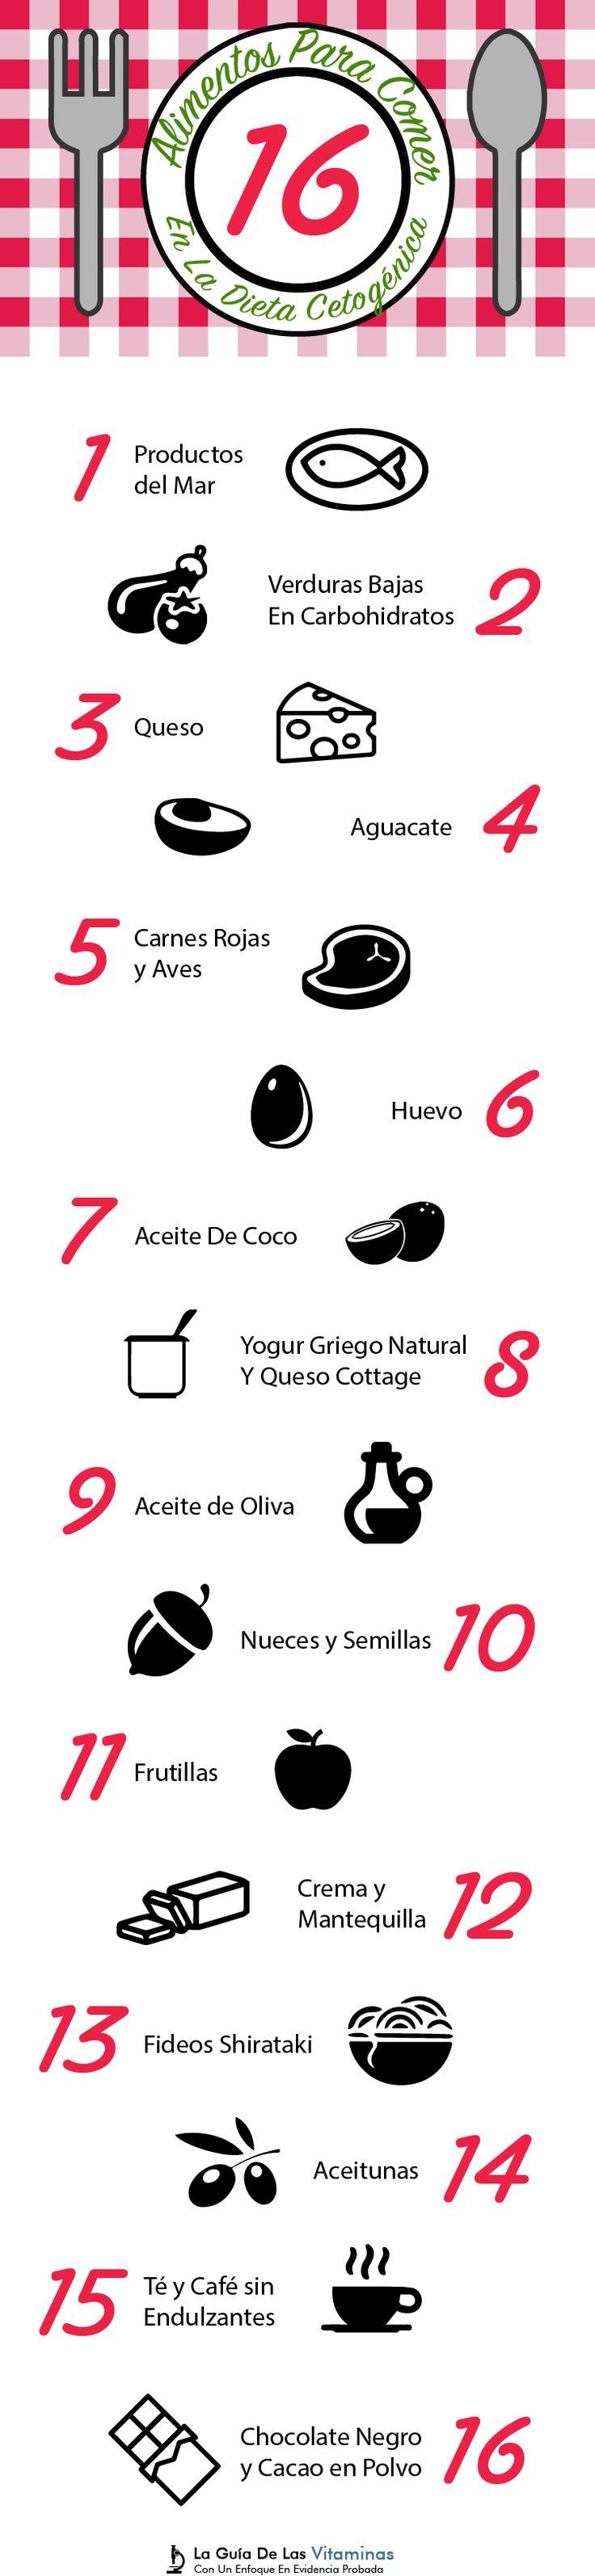 Si deseas saber más sobre qué alimentos elegir en la dieta cetogénica aquí tienes una lista de los 16 mejores alimentos que puedes consumir en ella.